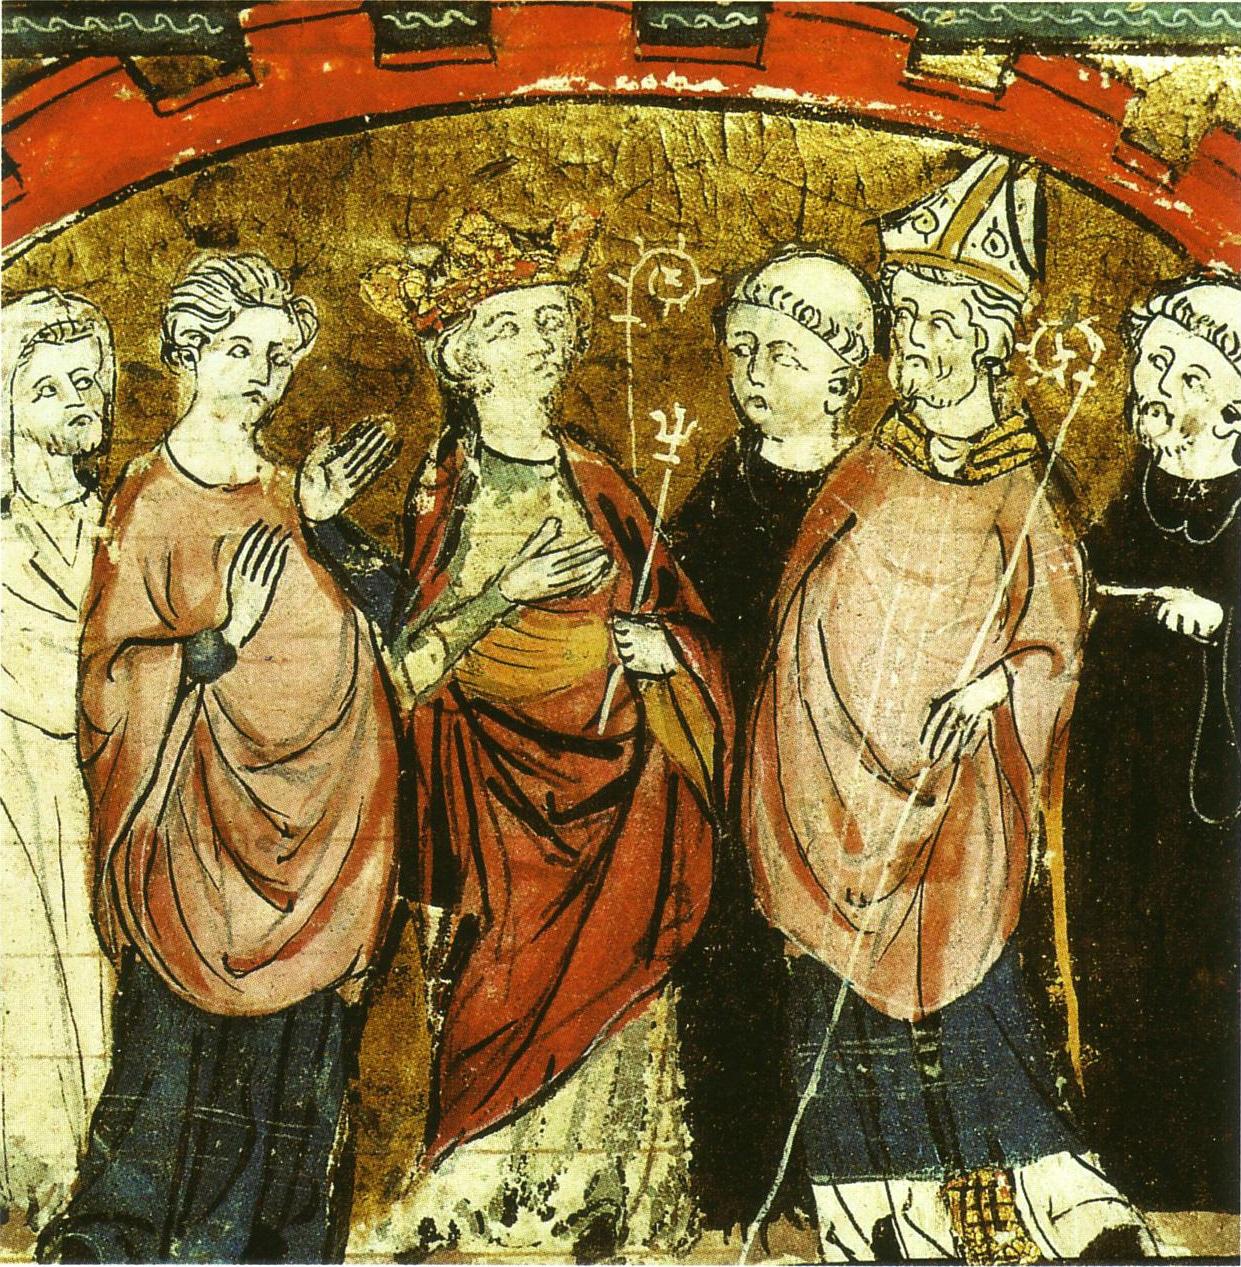 Le roi Dagobert avait-il vraiment mis sa culotte à l'envers ? Question insolite